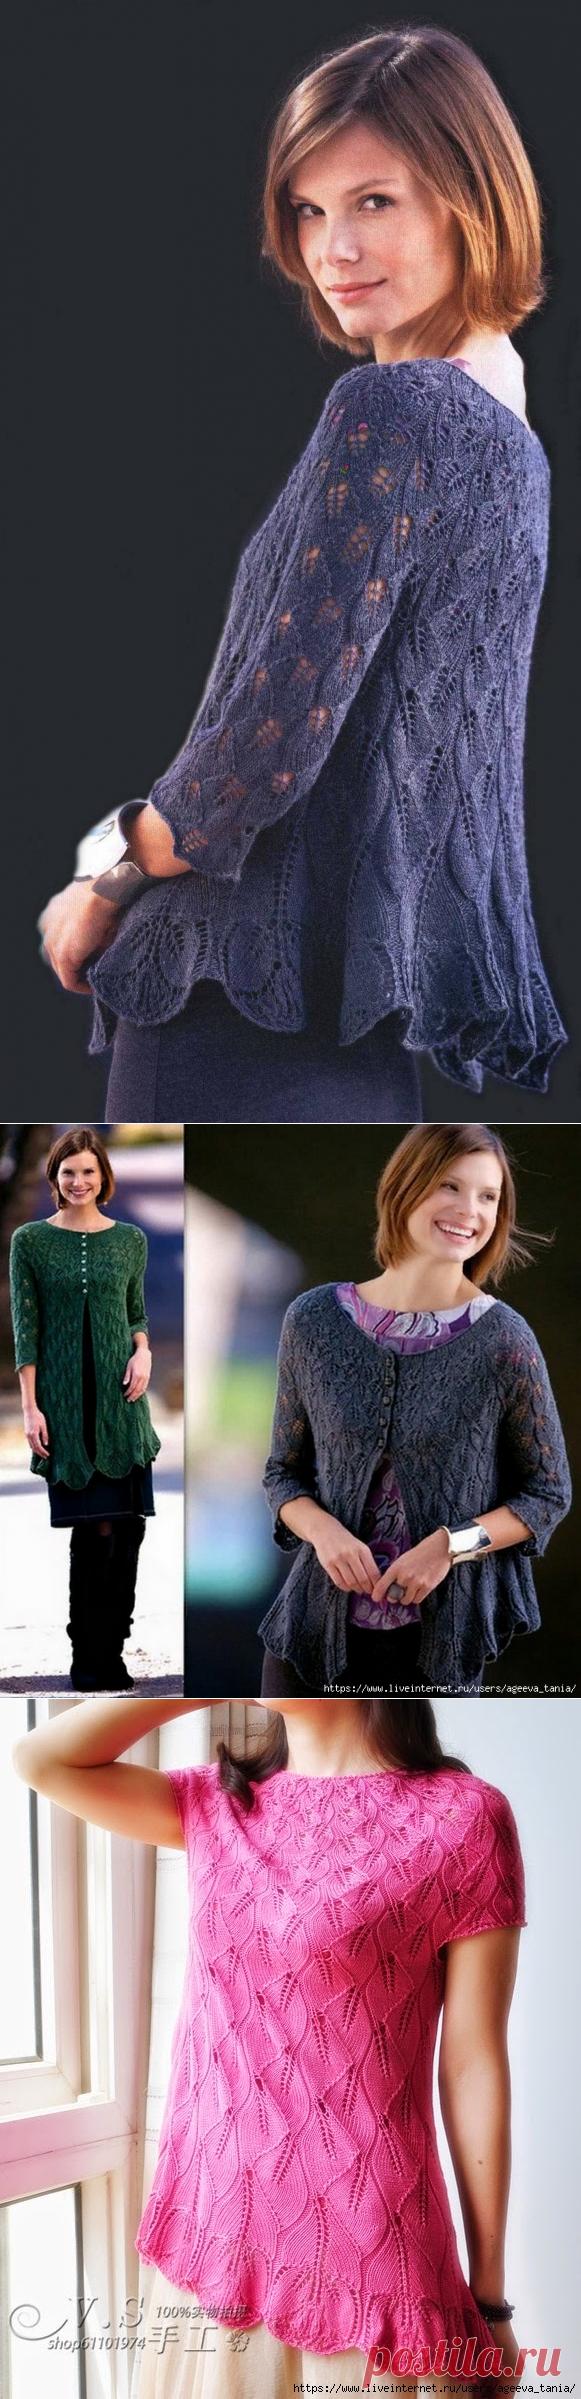 Пуловер или жакет с ажурным узором.